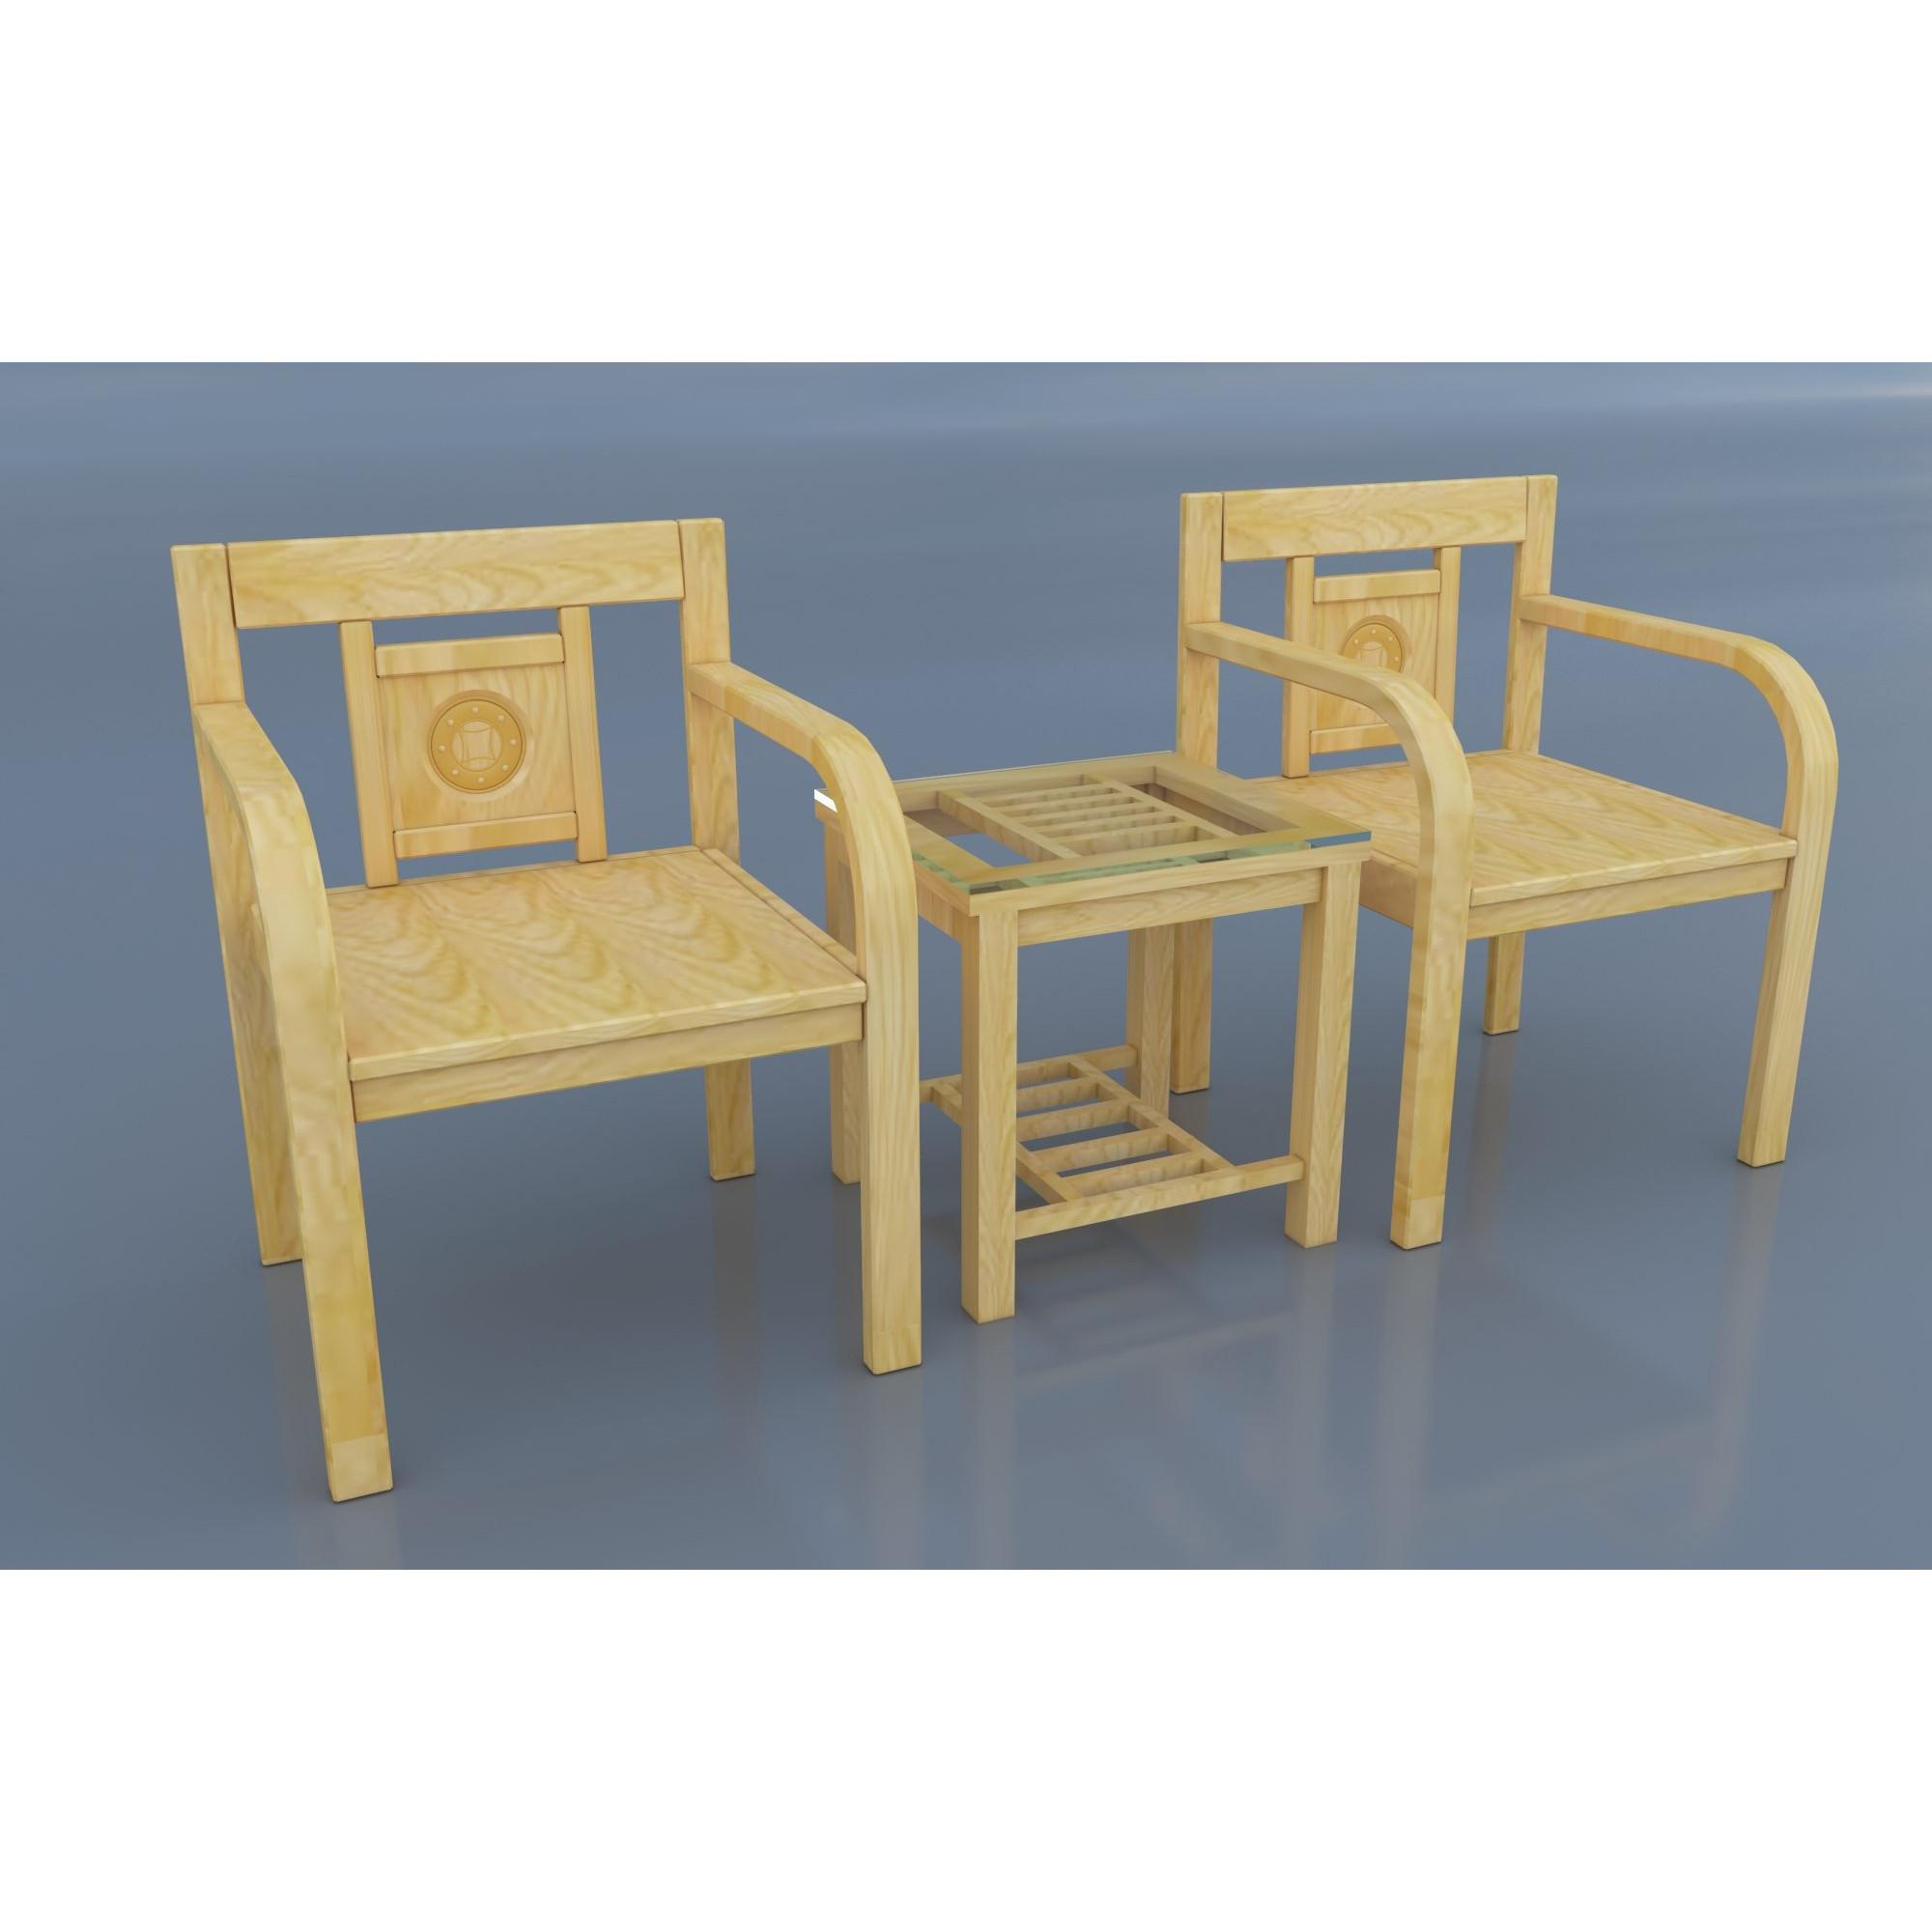 Bộ bàn ghế phòng ngủ gỗ sồi